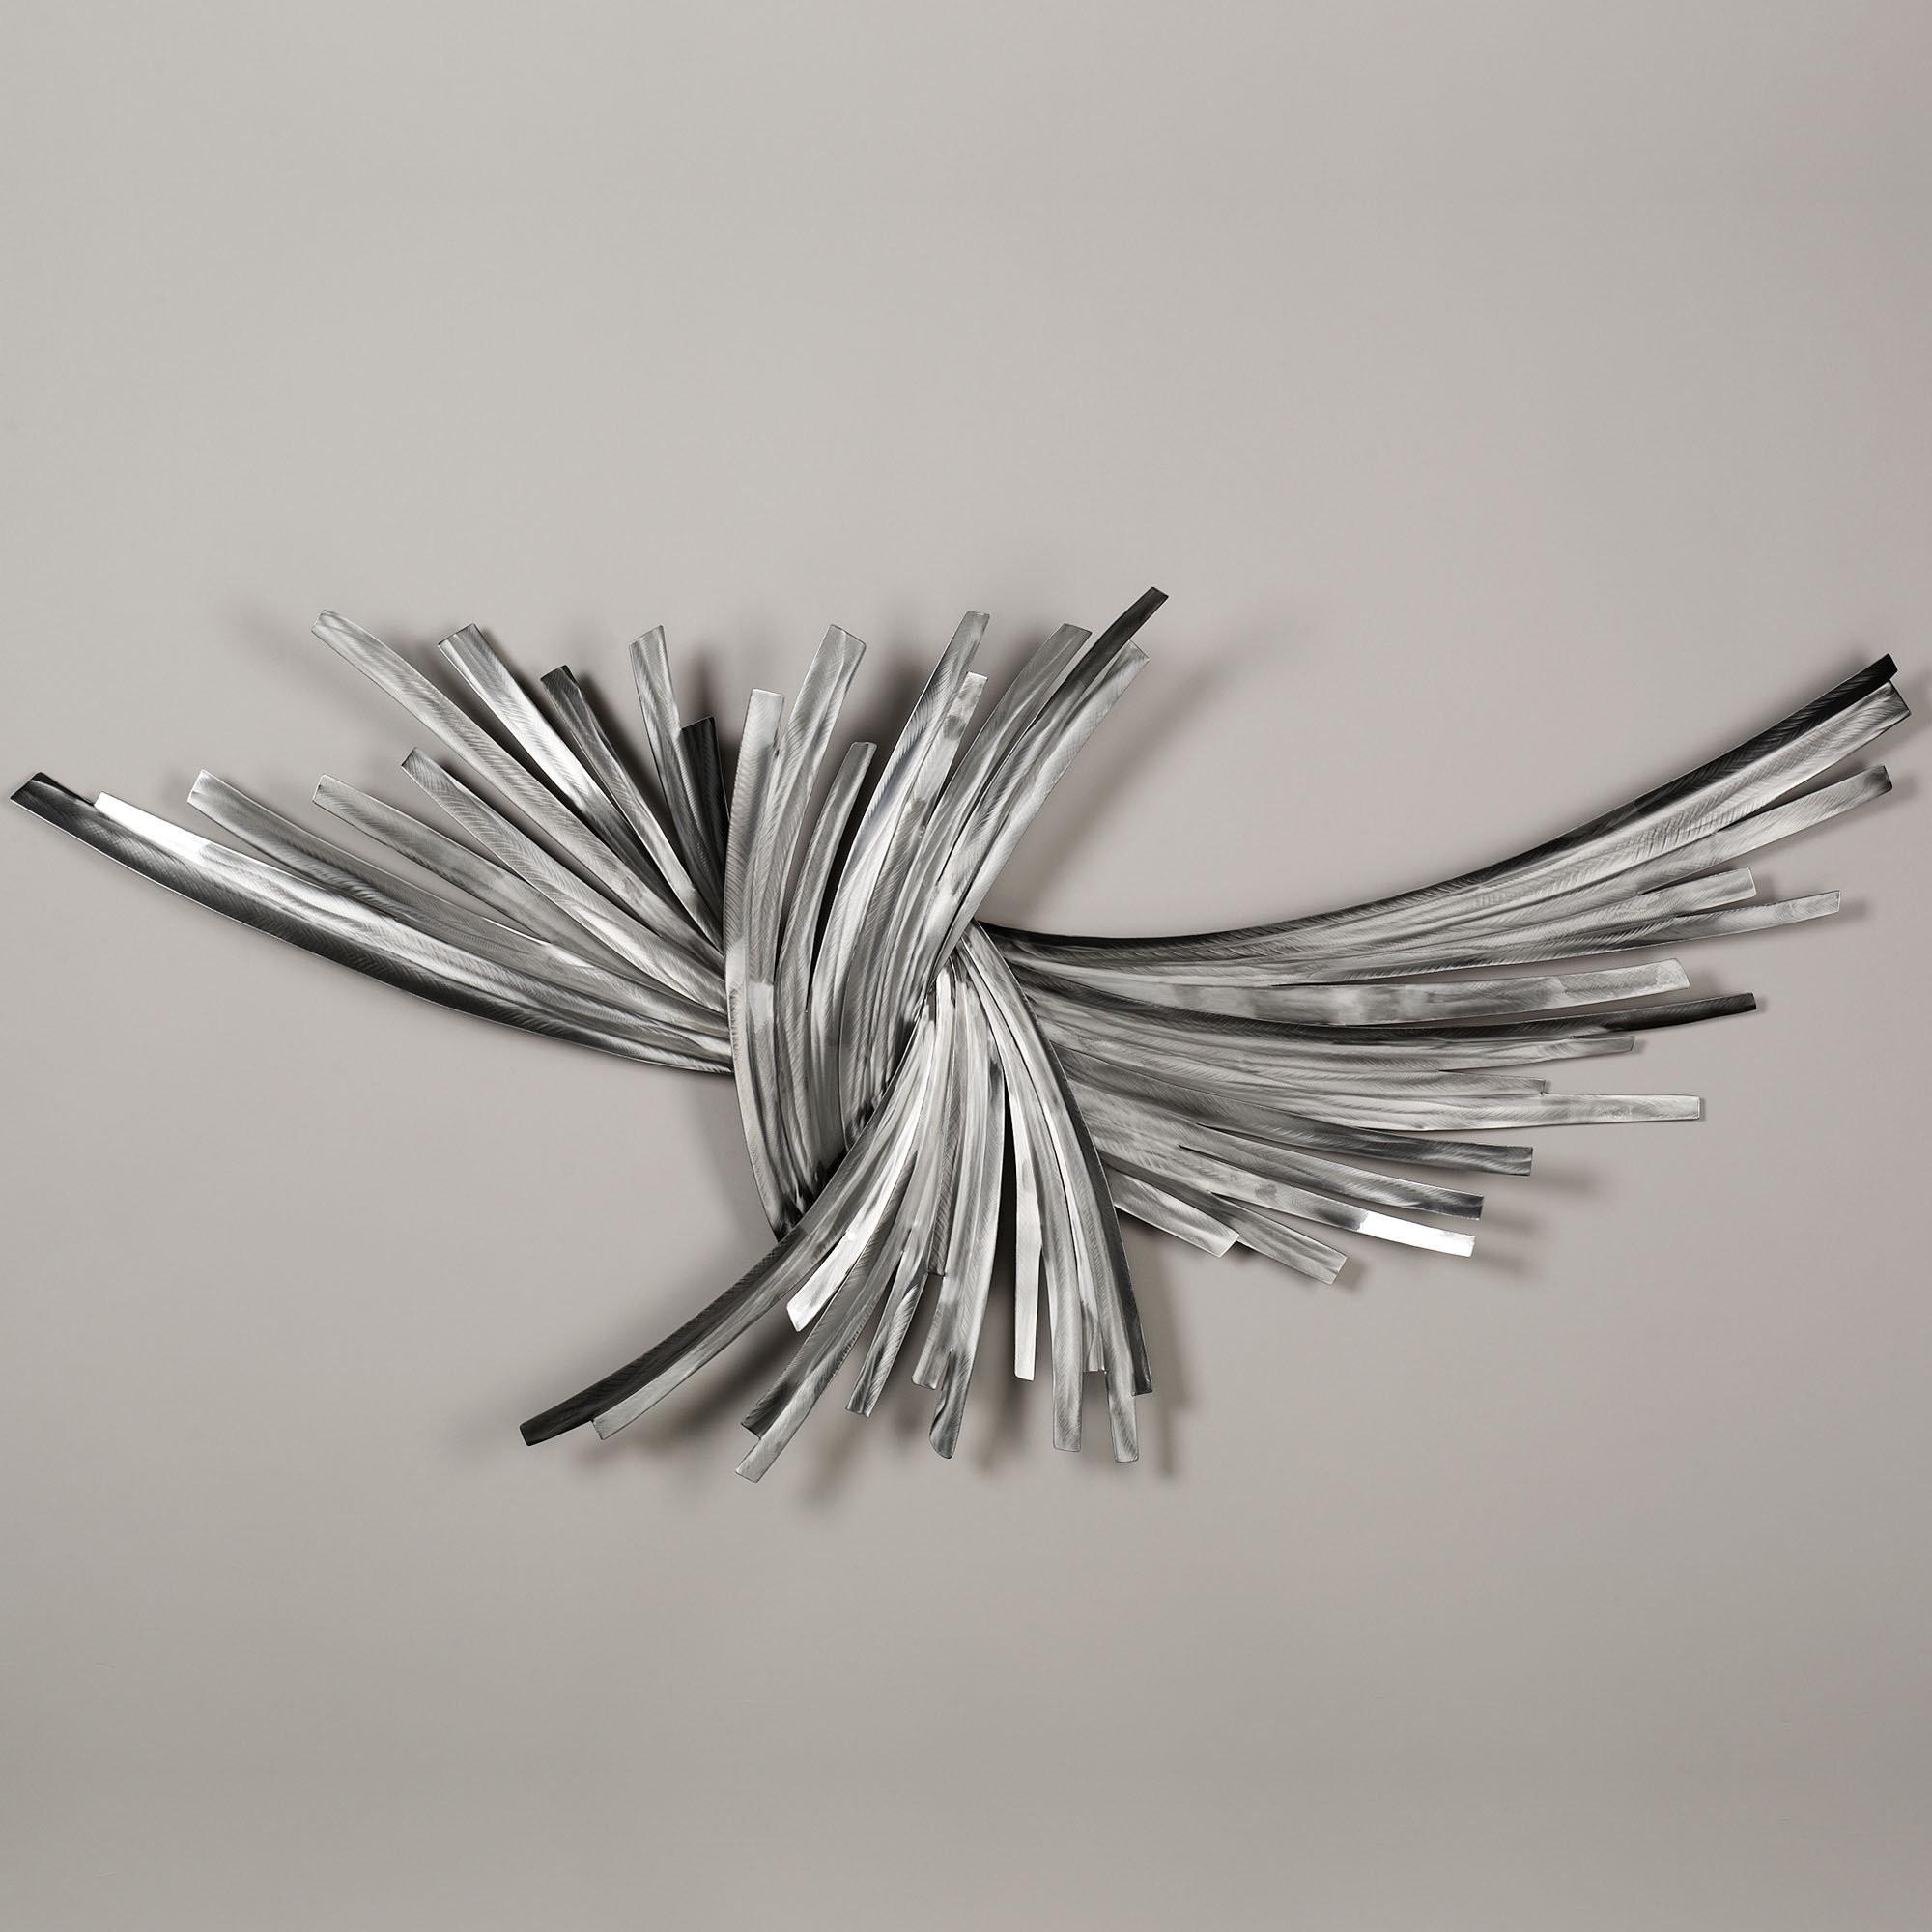 Most Recent Inspirational Silver Wall Art Uk – Kunuzmetals For Silver Wall Art (View 13 of 15)